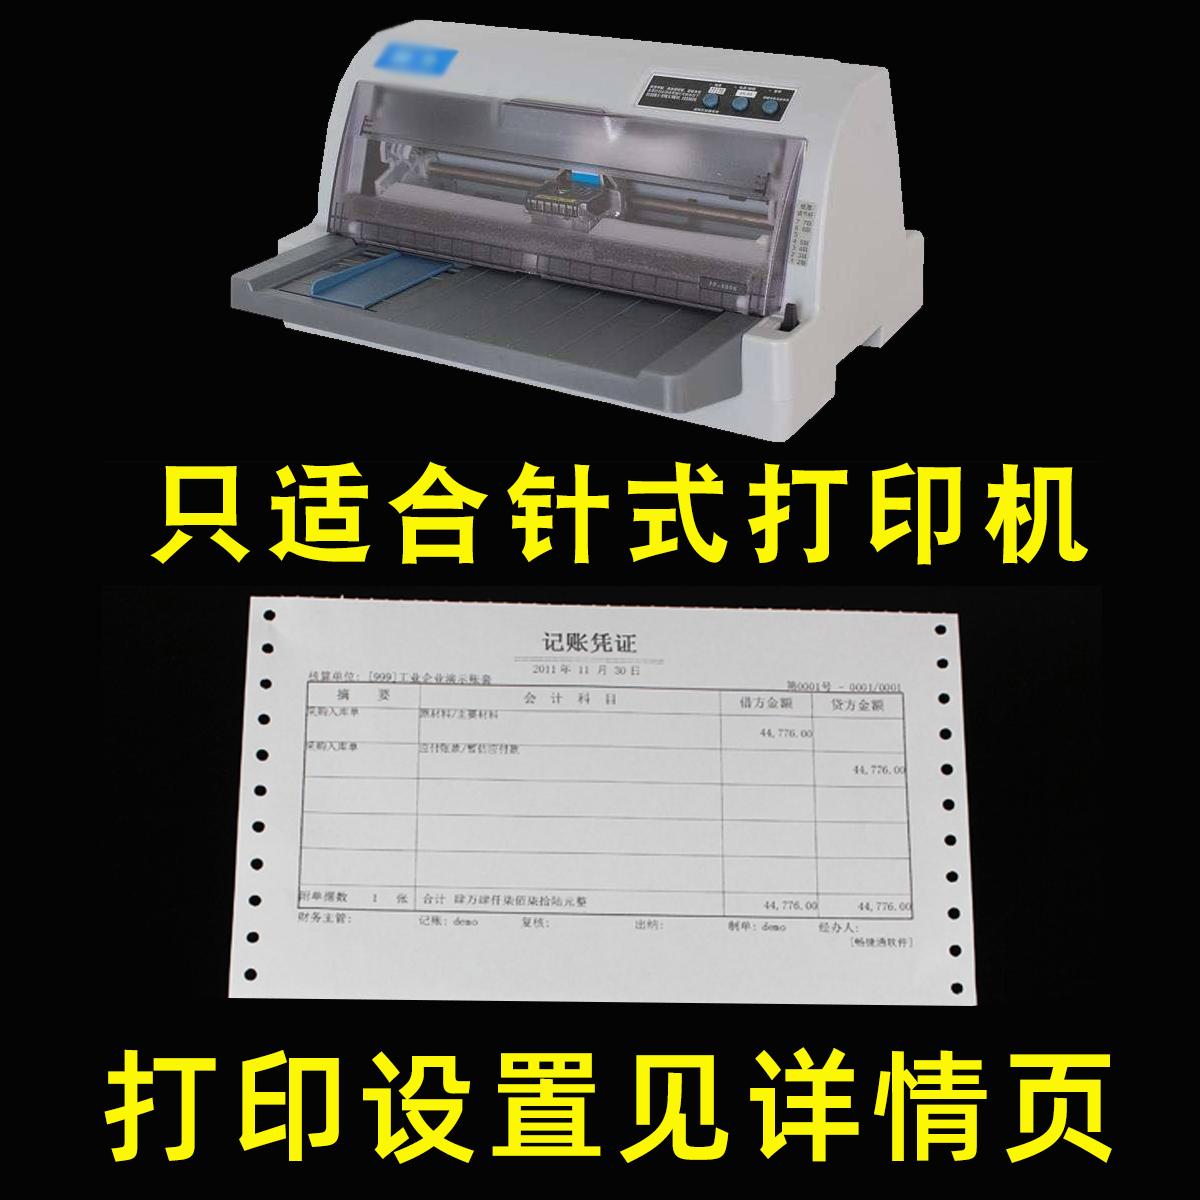 如歌记账凭证纸针式空白电脑打印纸定240×140针式T3连打a金额4用友金蝶软件会计单层制1做210一联